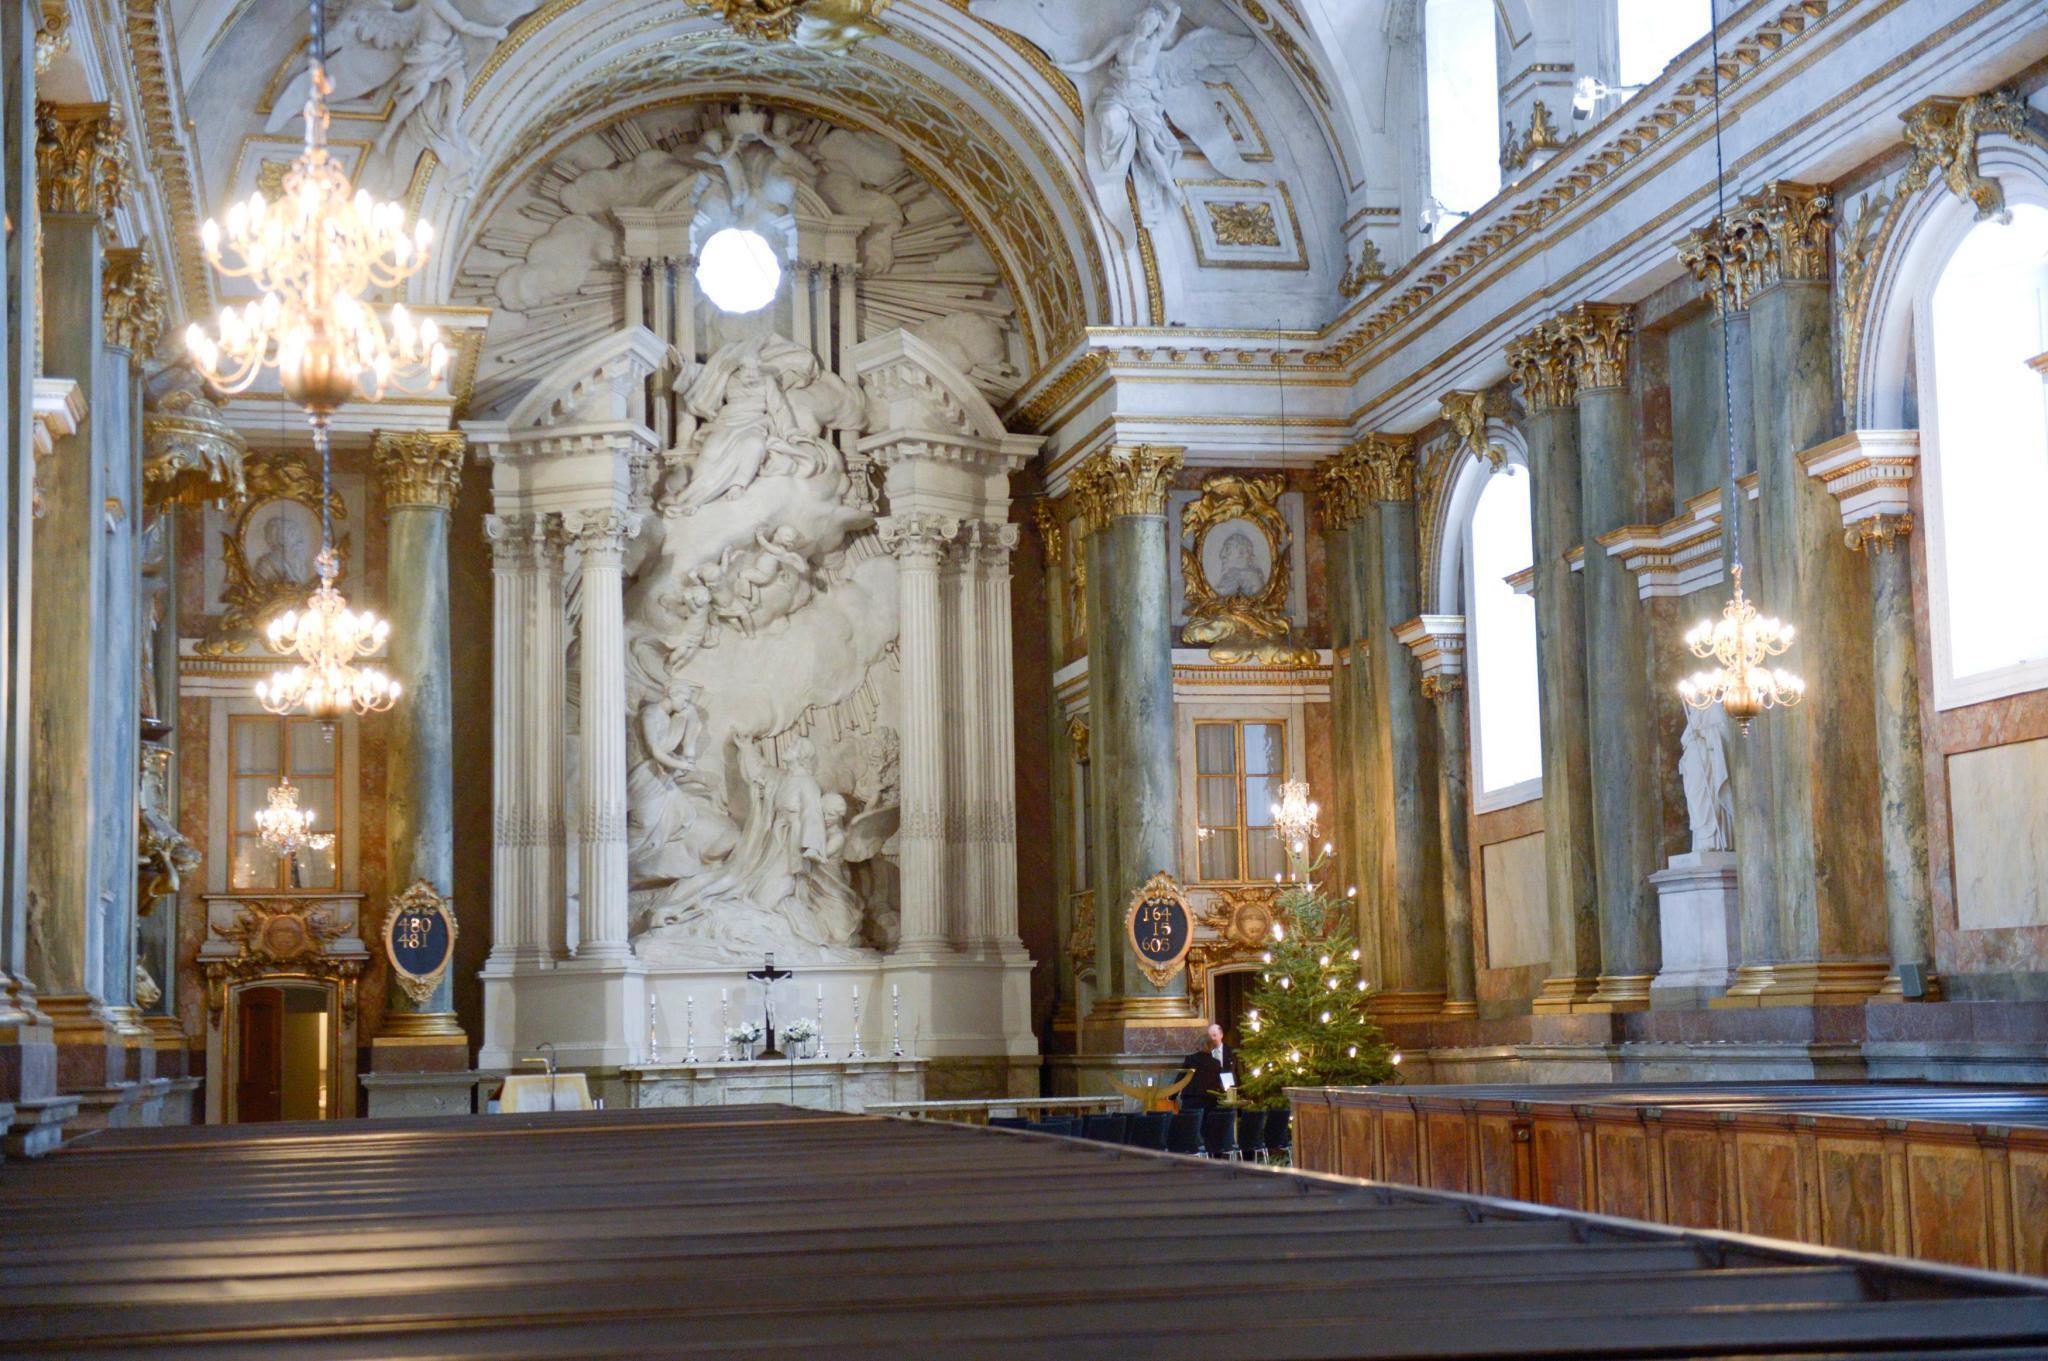 In der Schlosskapelle in Stockholm - hier eine Innenansicht - werden sich die Hochzeitsgäste von Prinzessin Madeleine und Christopher O'Neill am Samstag Nachmittag versammeln.